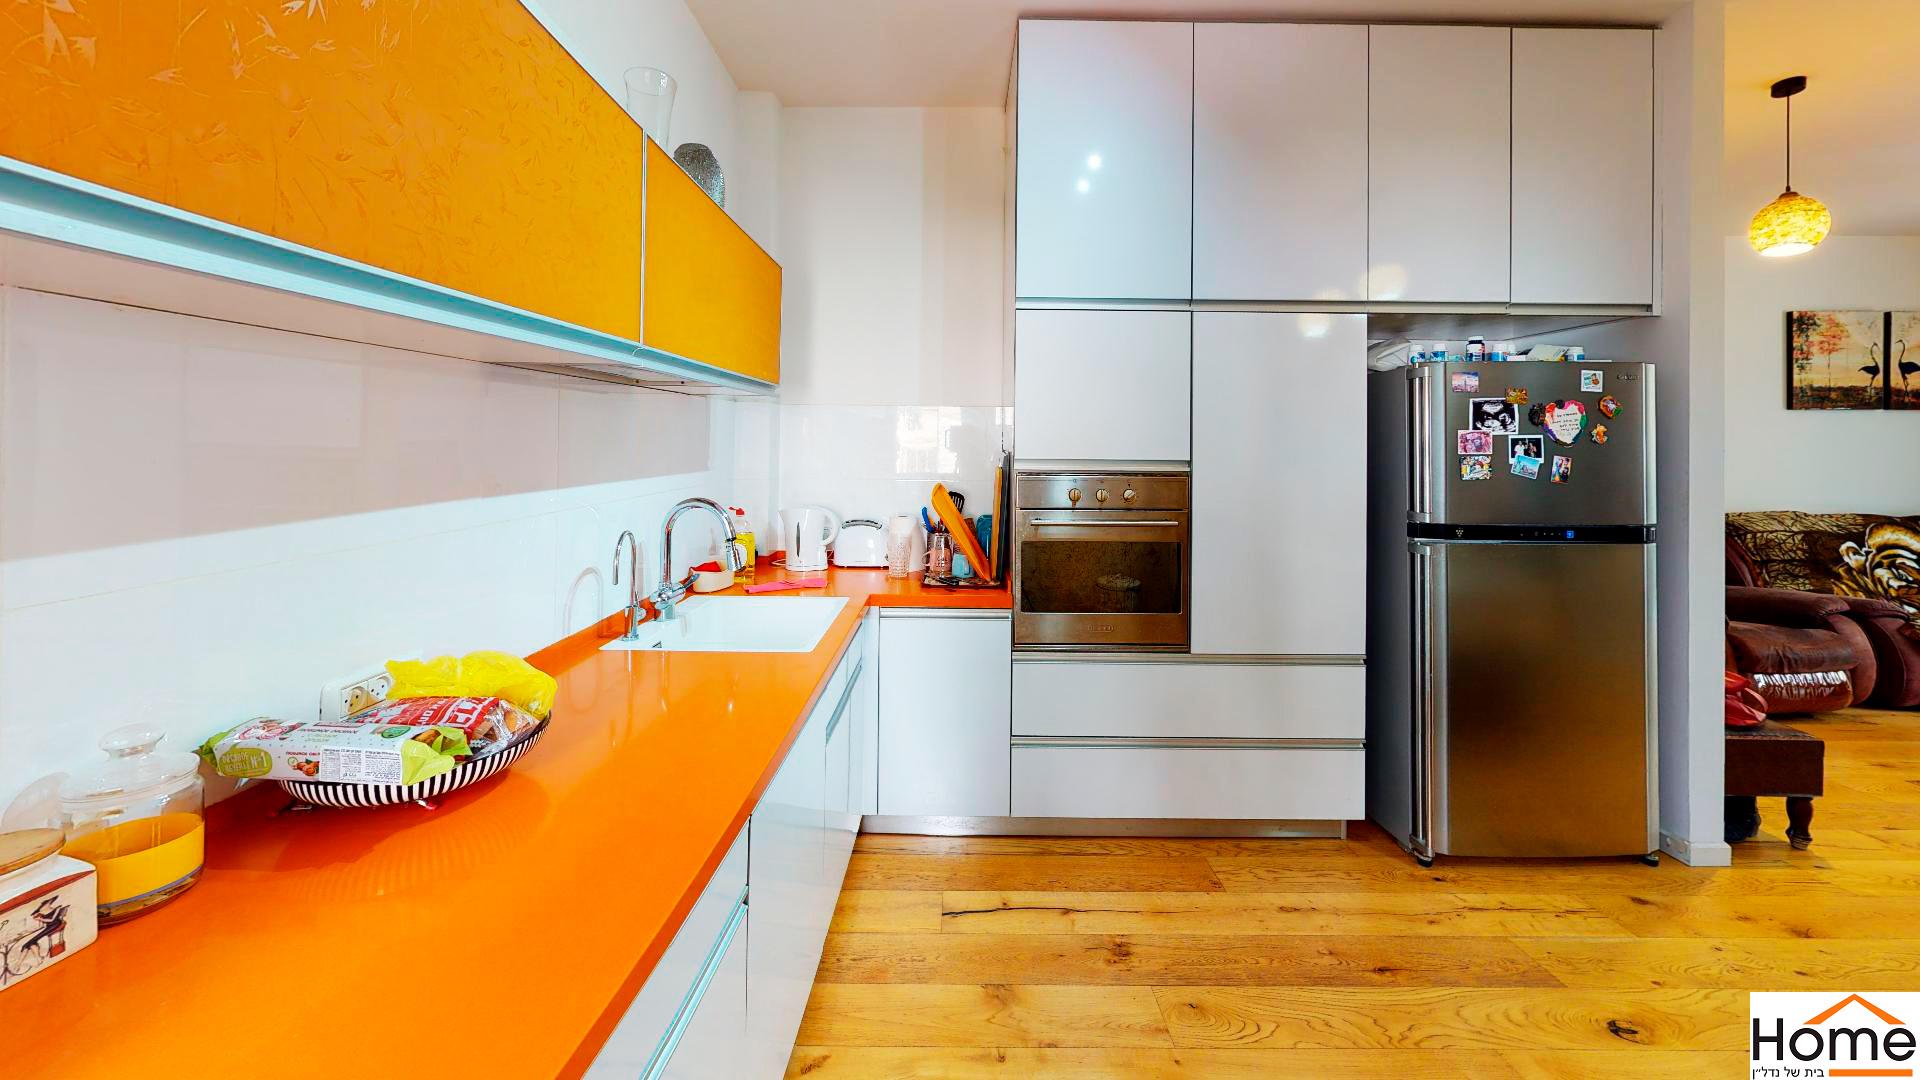 תוכנית הדירה לנכס מספר 4